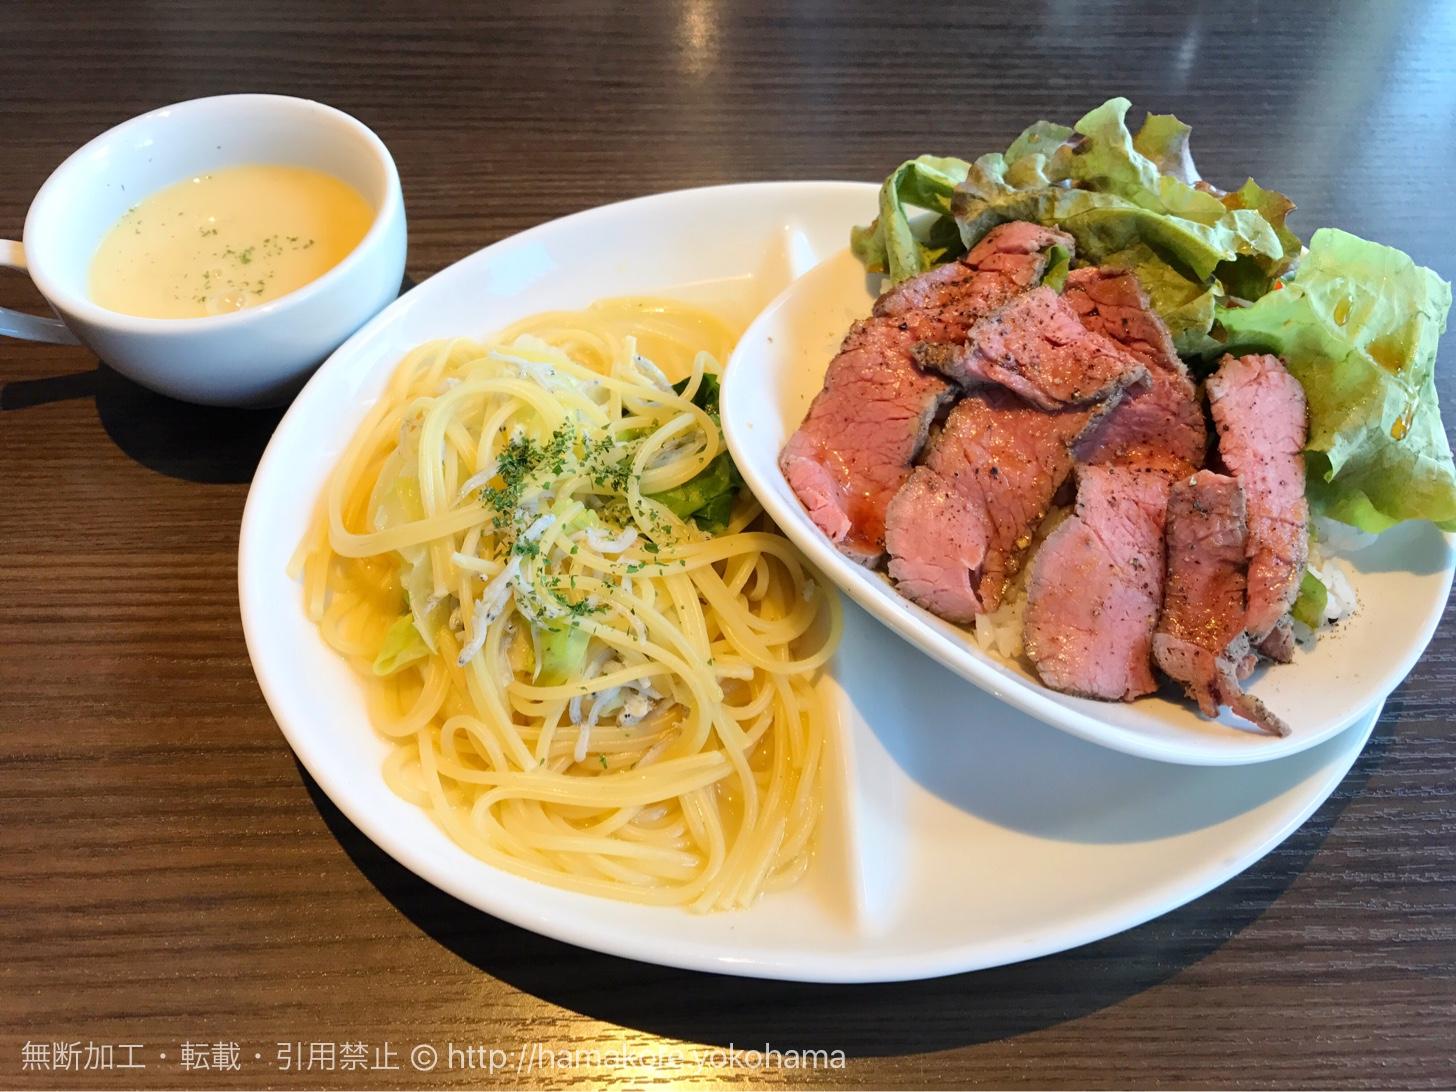 横浜駅「マリブ」のランチがボリューム満点!ローストビーフ丼とパスタのコンビ